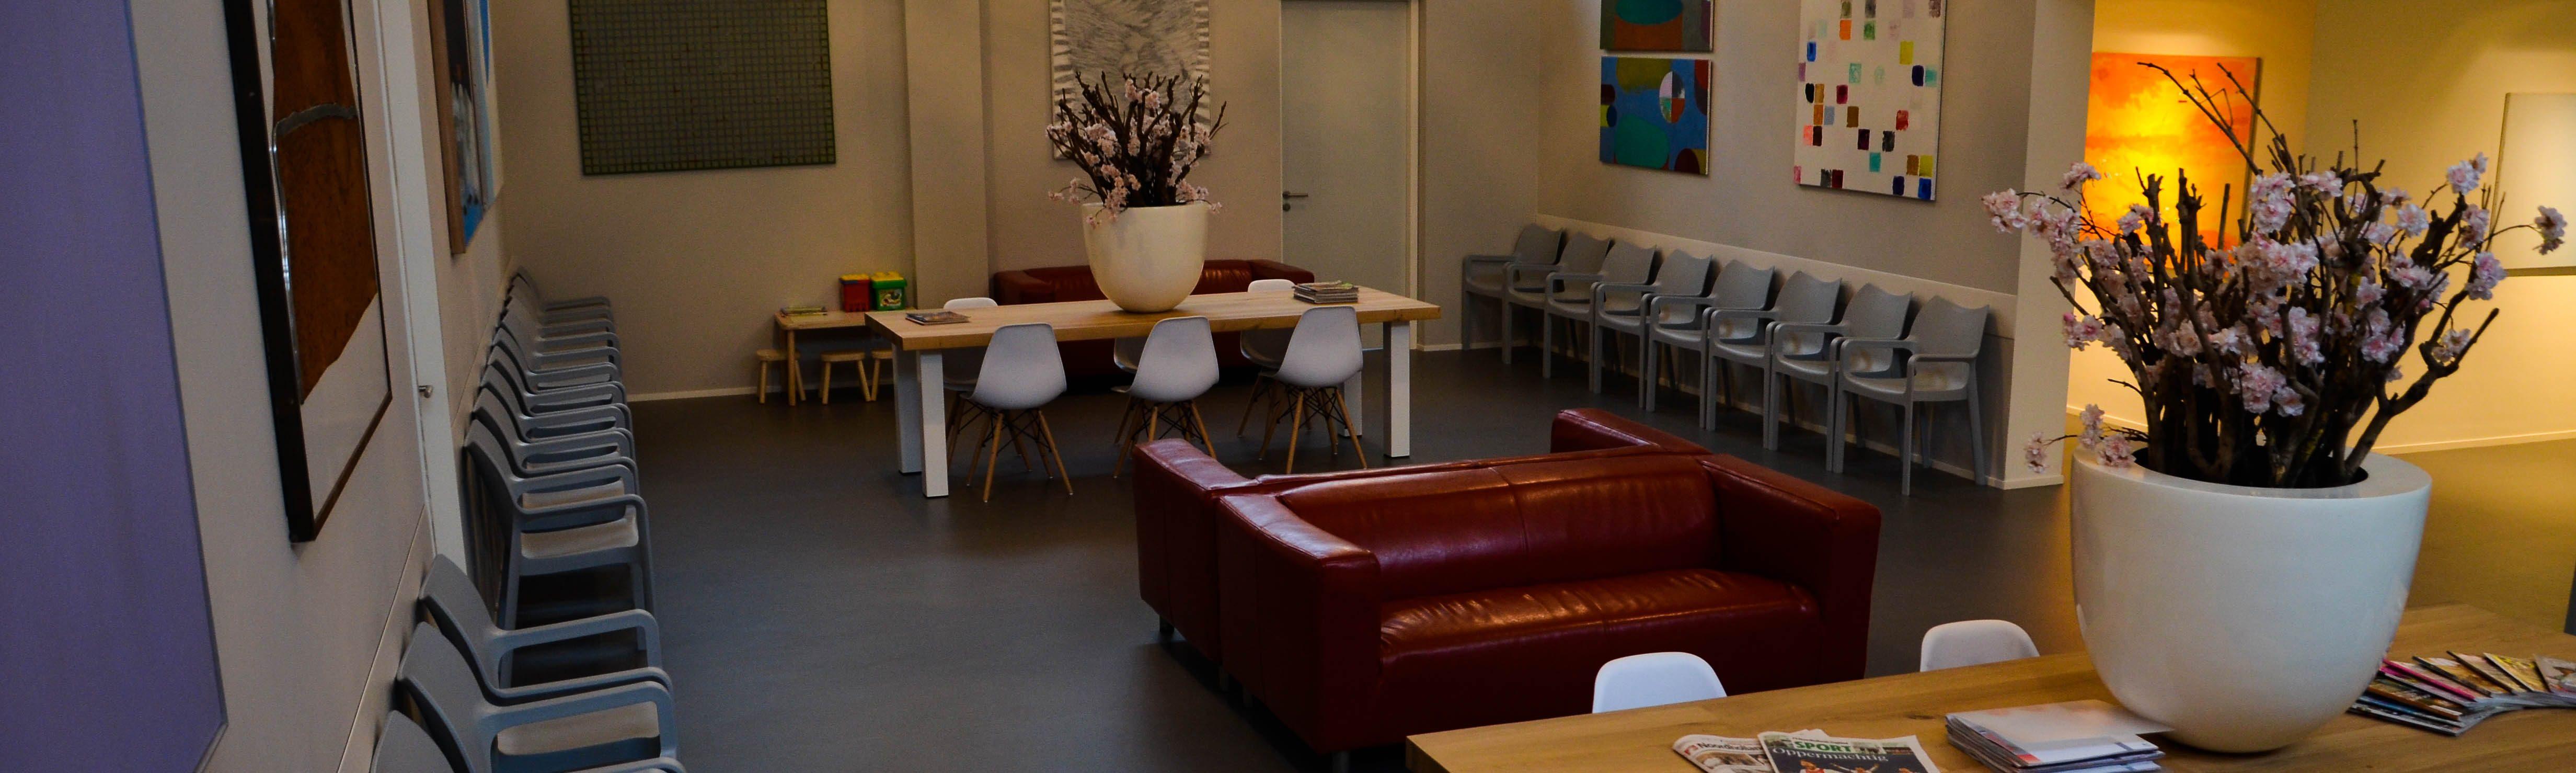 Fysiotherapie Rooswijk Zaandijk Medisch Centrum de Zaan